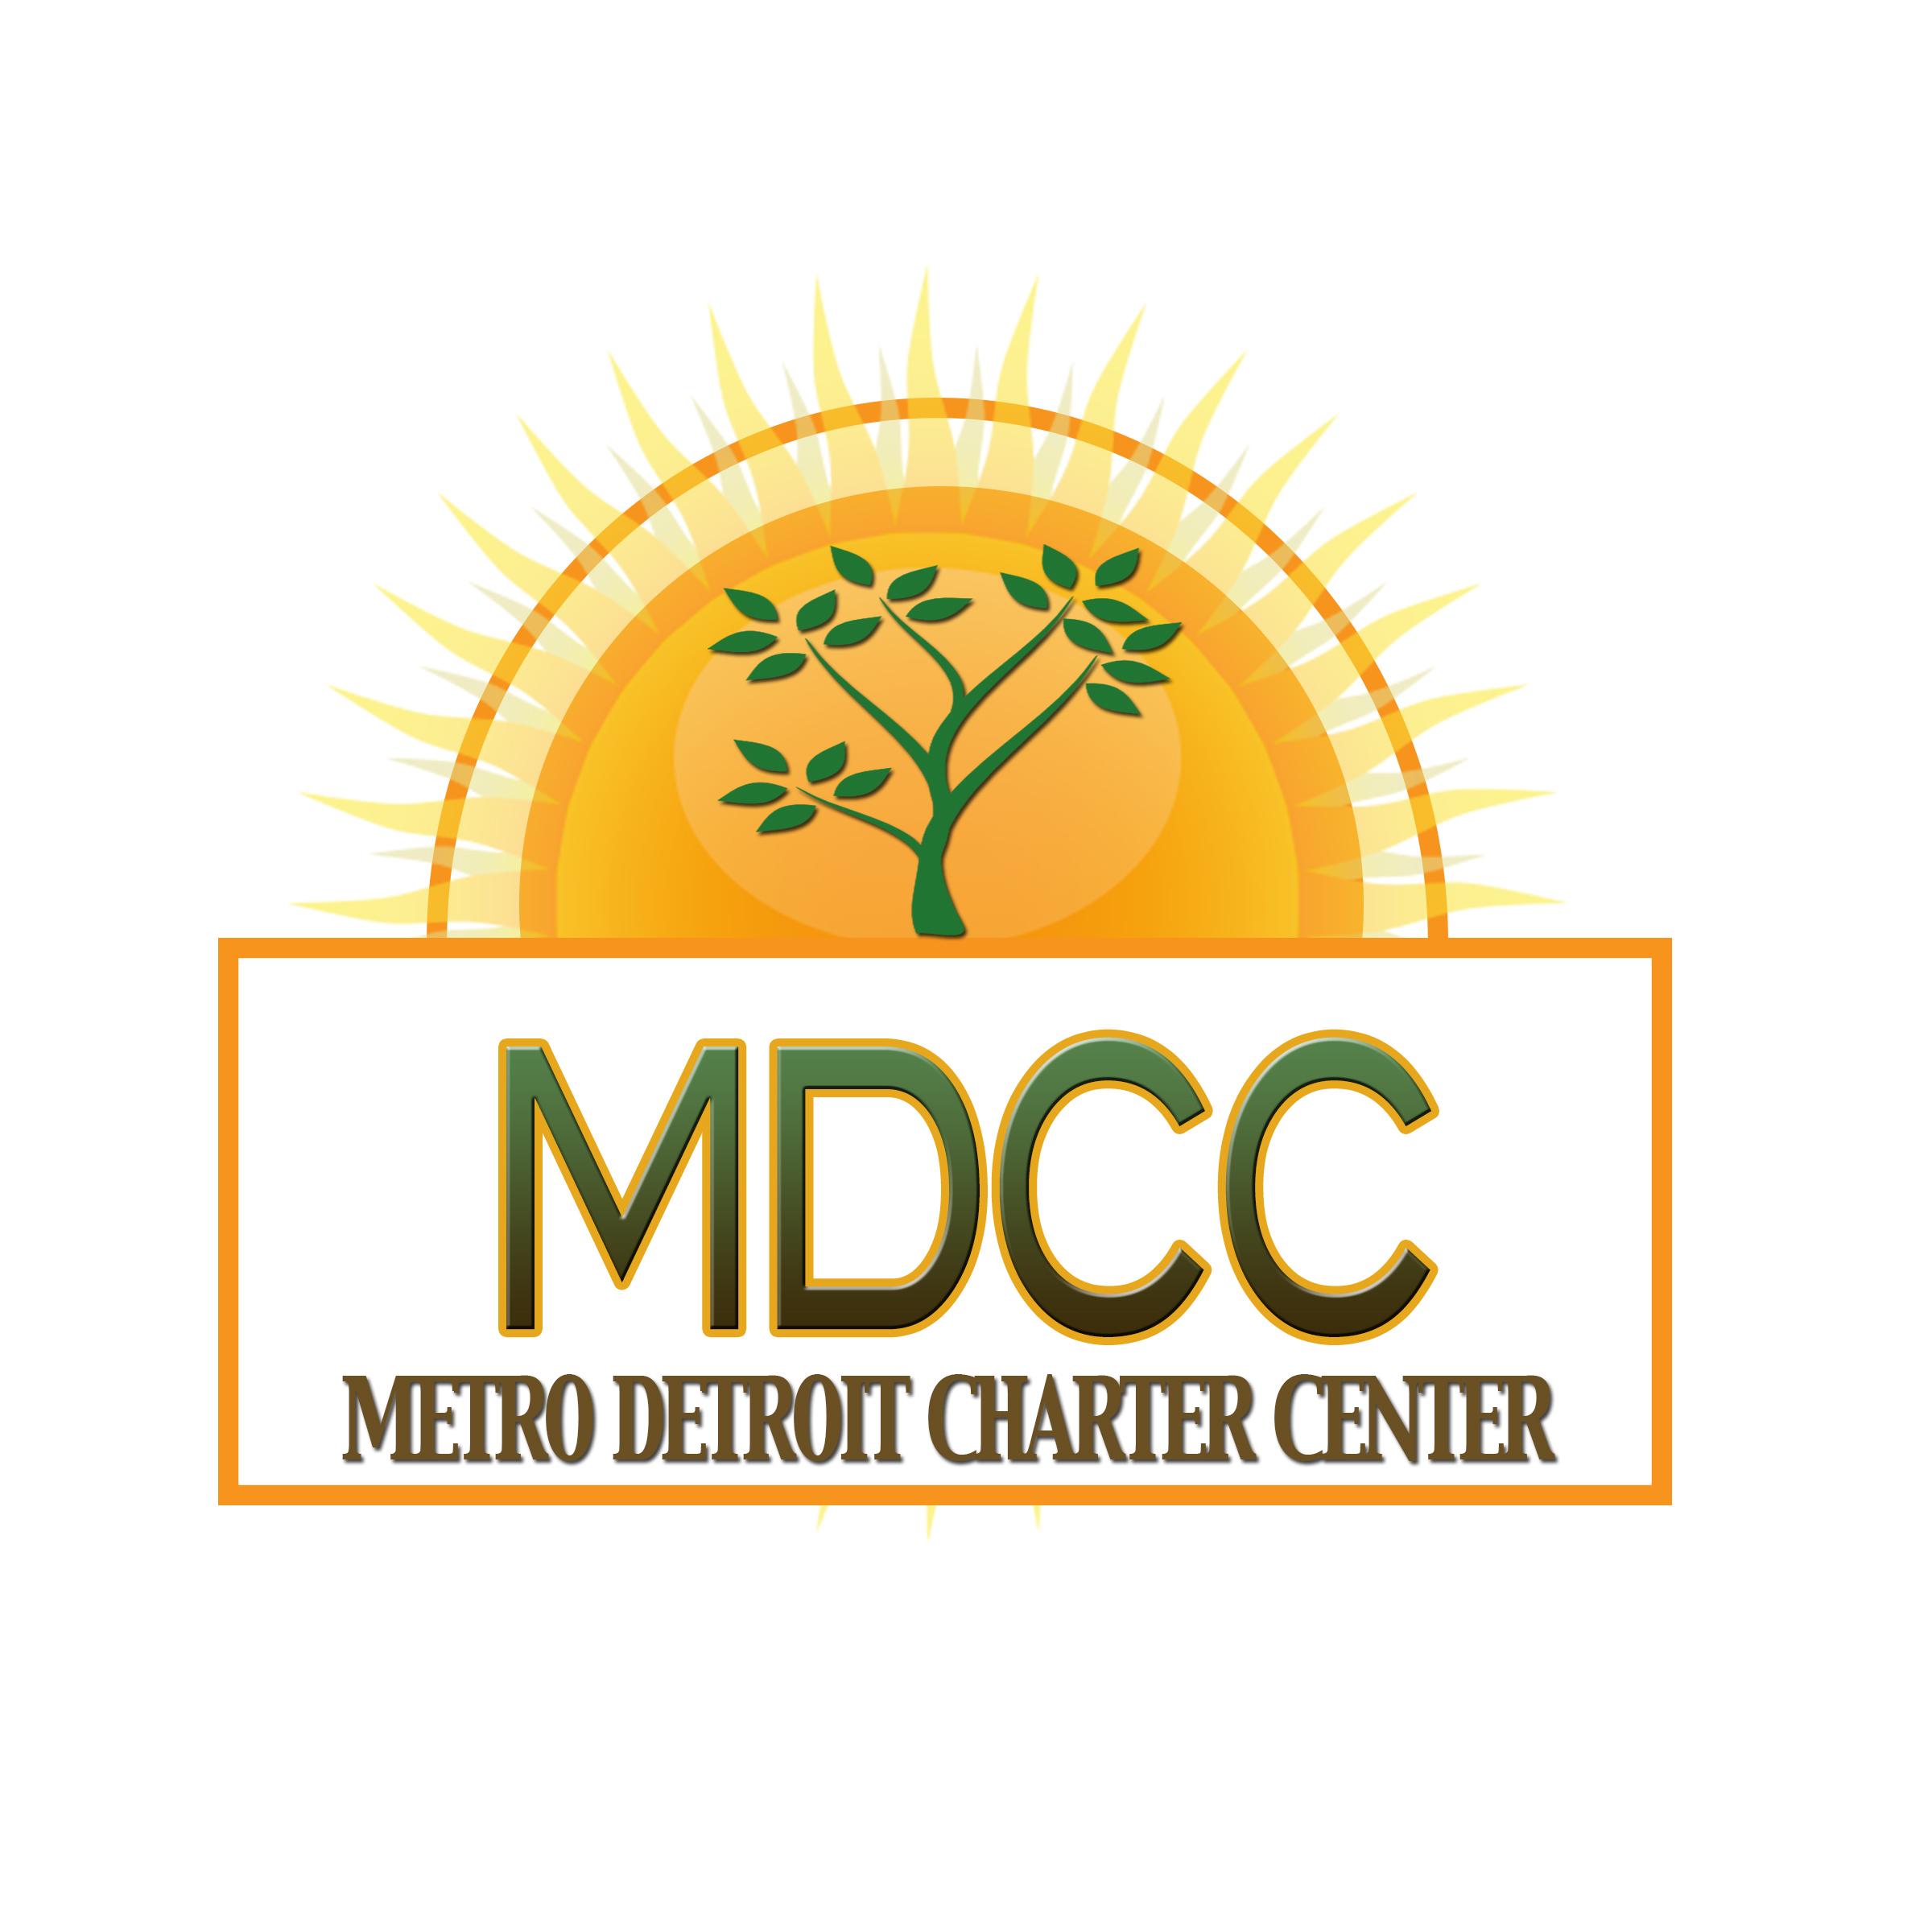 Metro Detroit Charter Center